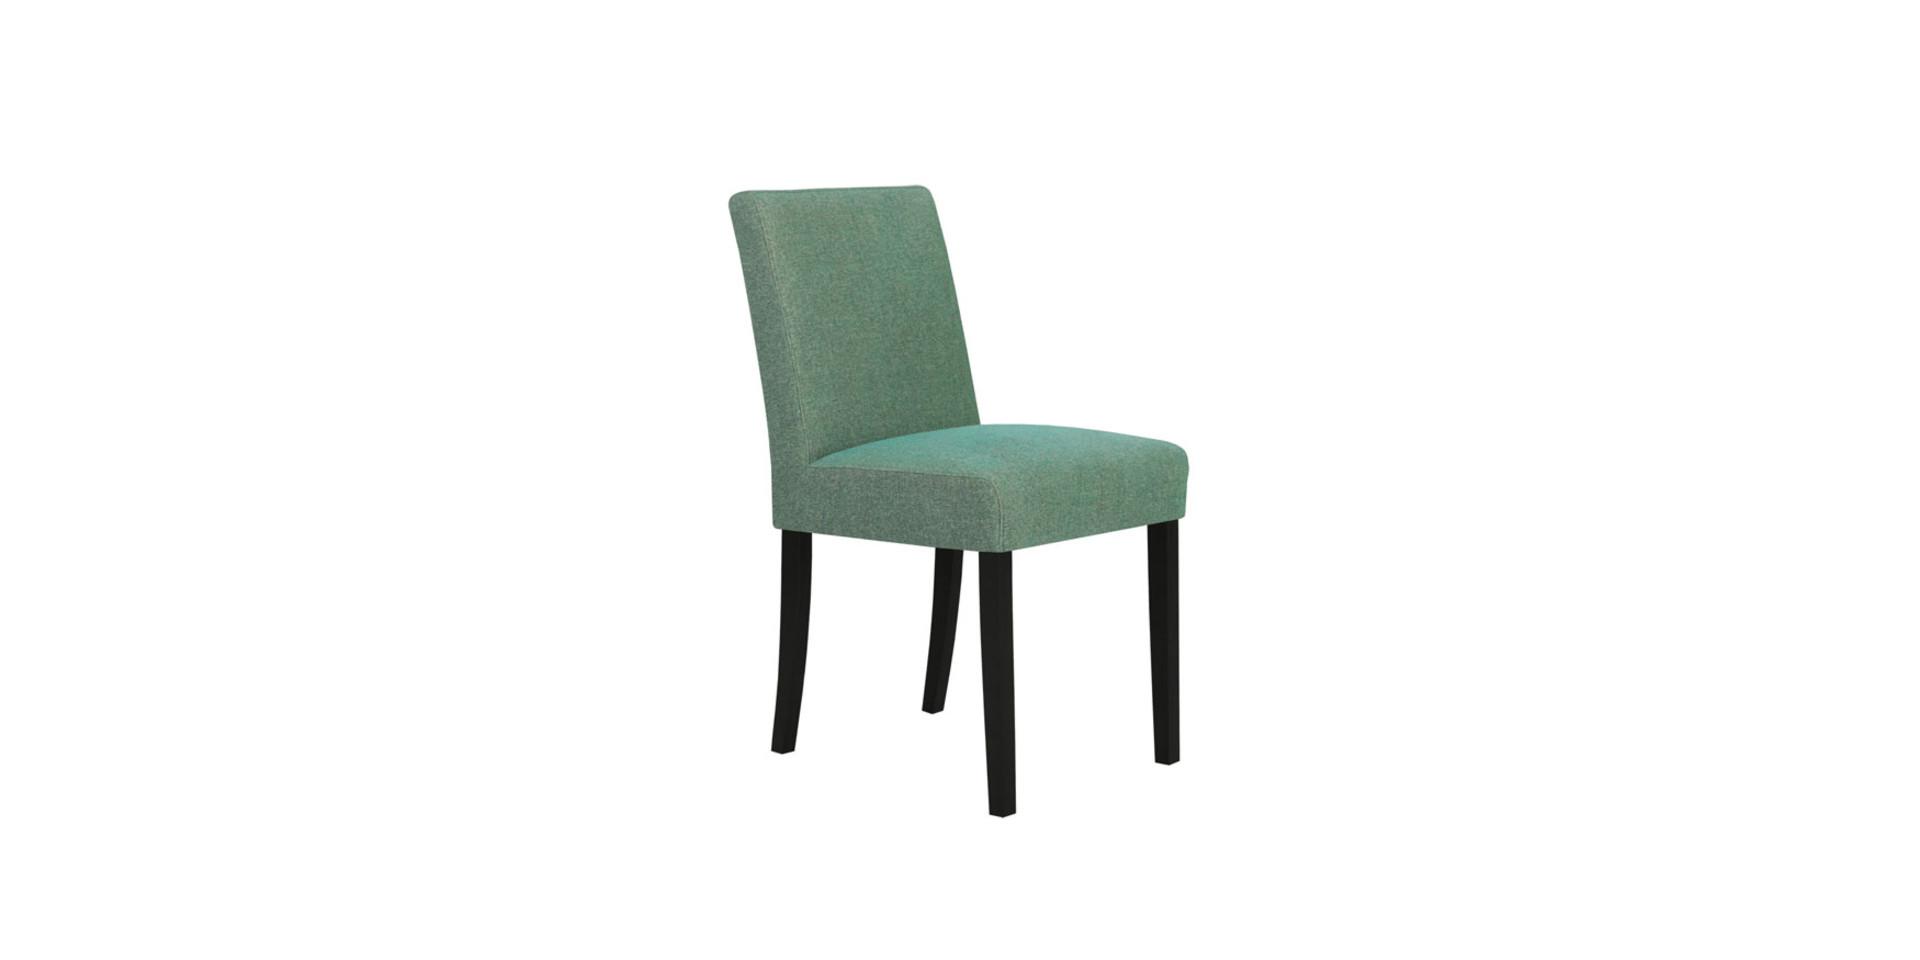 sits-vigo-fauteuil-chair_dover7_green_2